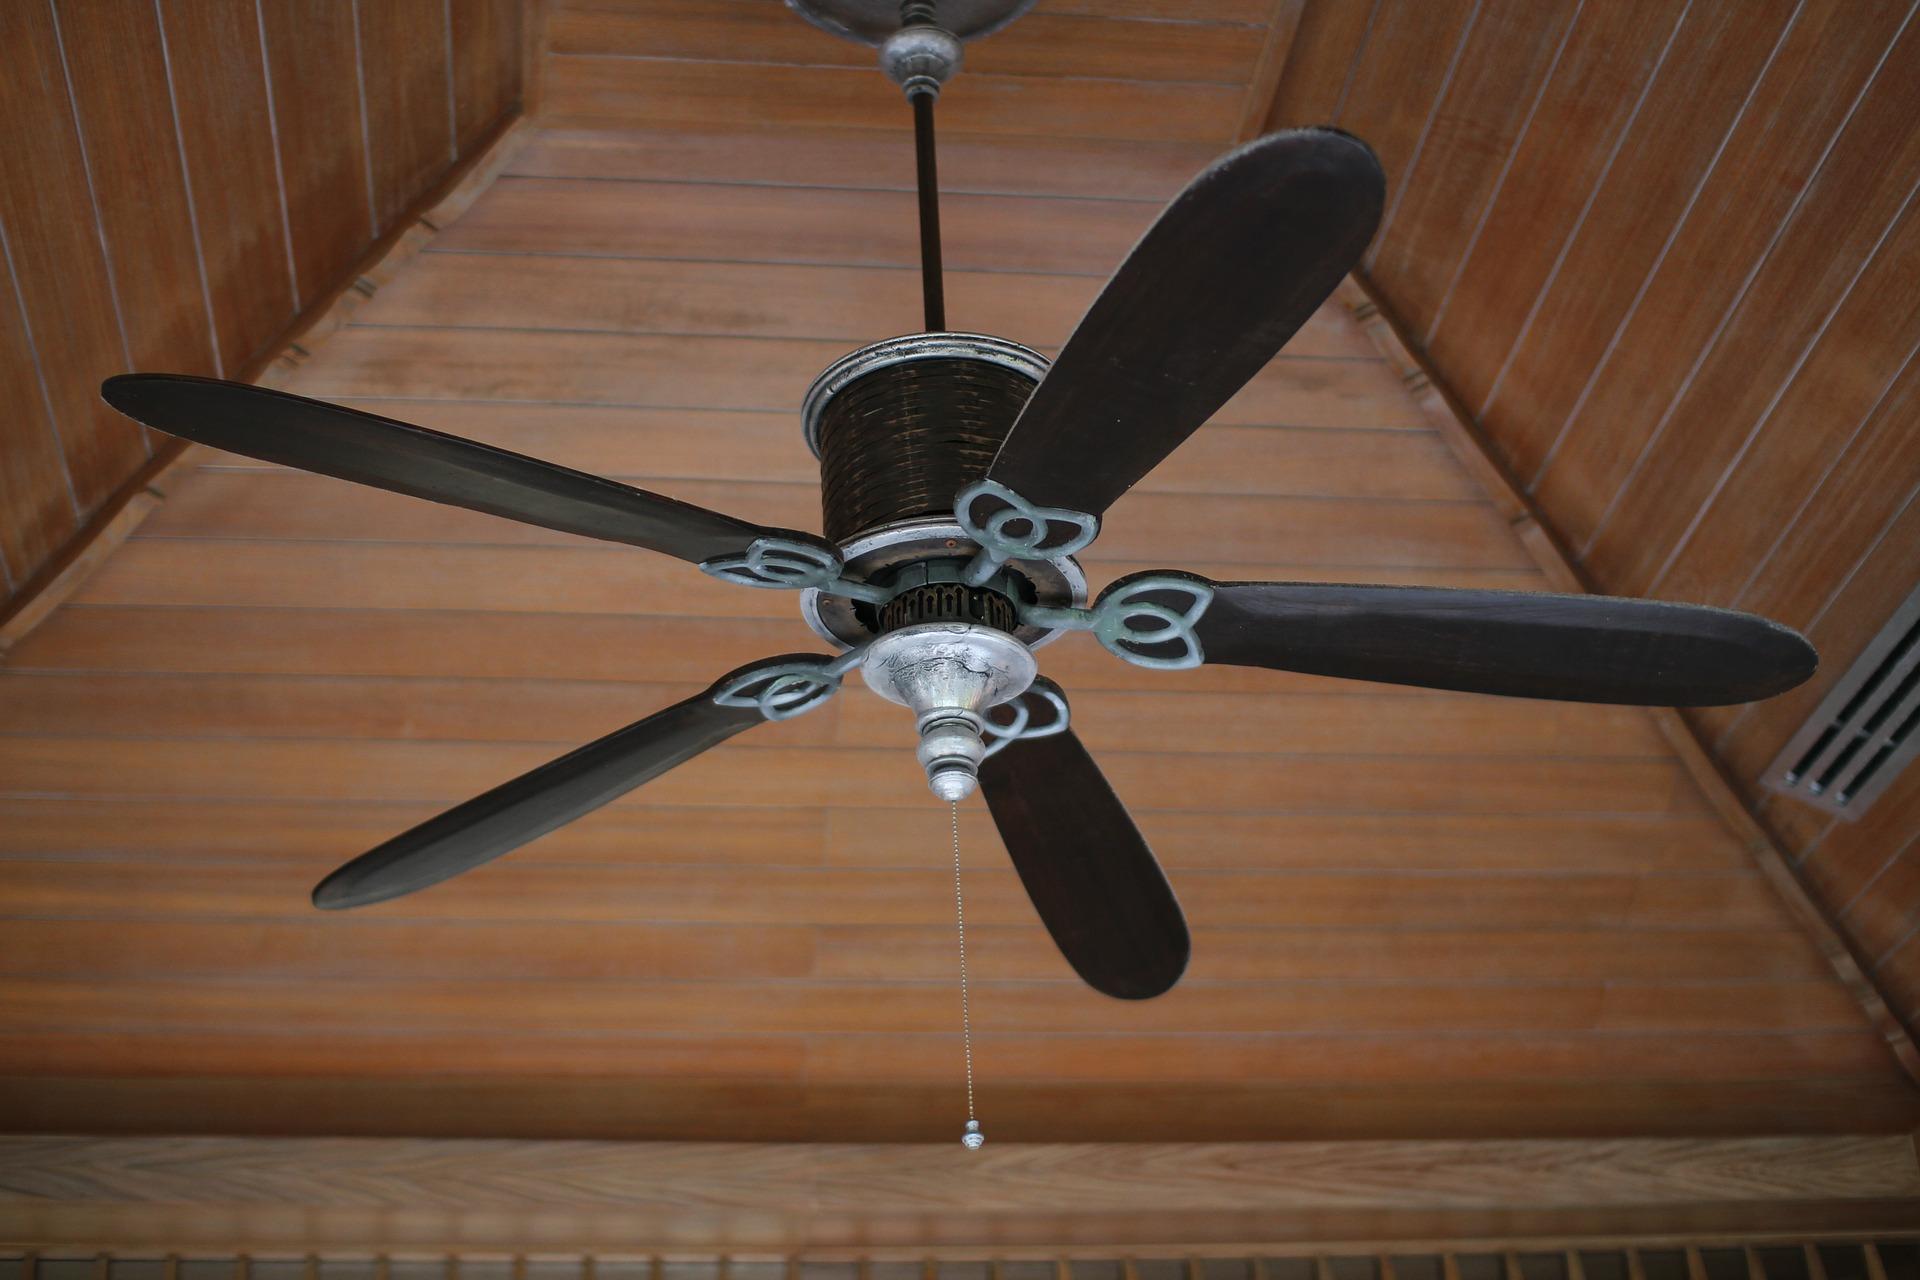 Ein Ventilator für die Decke